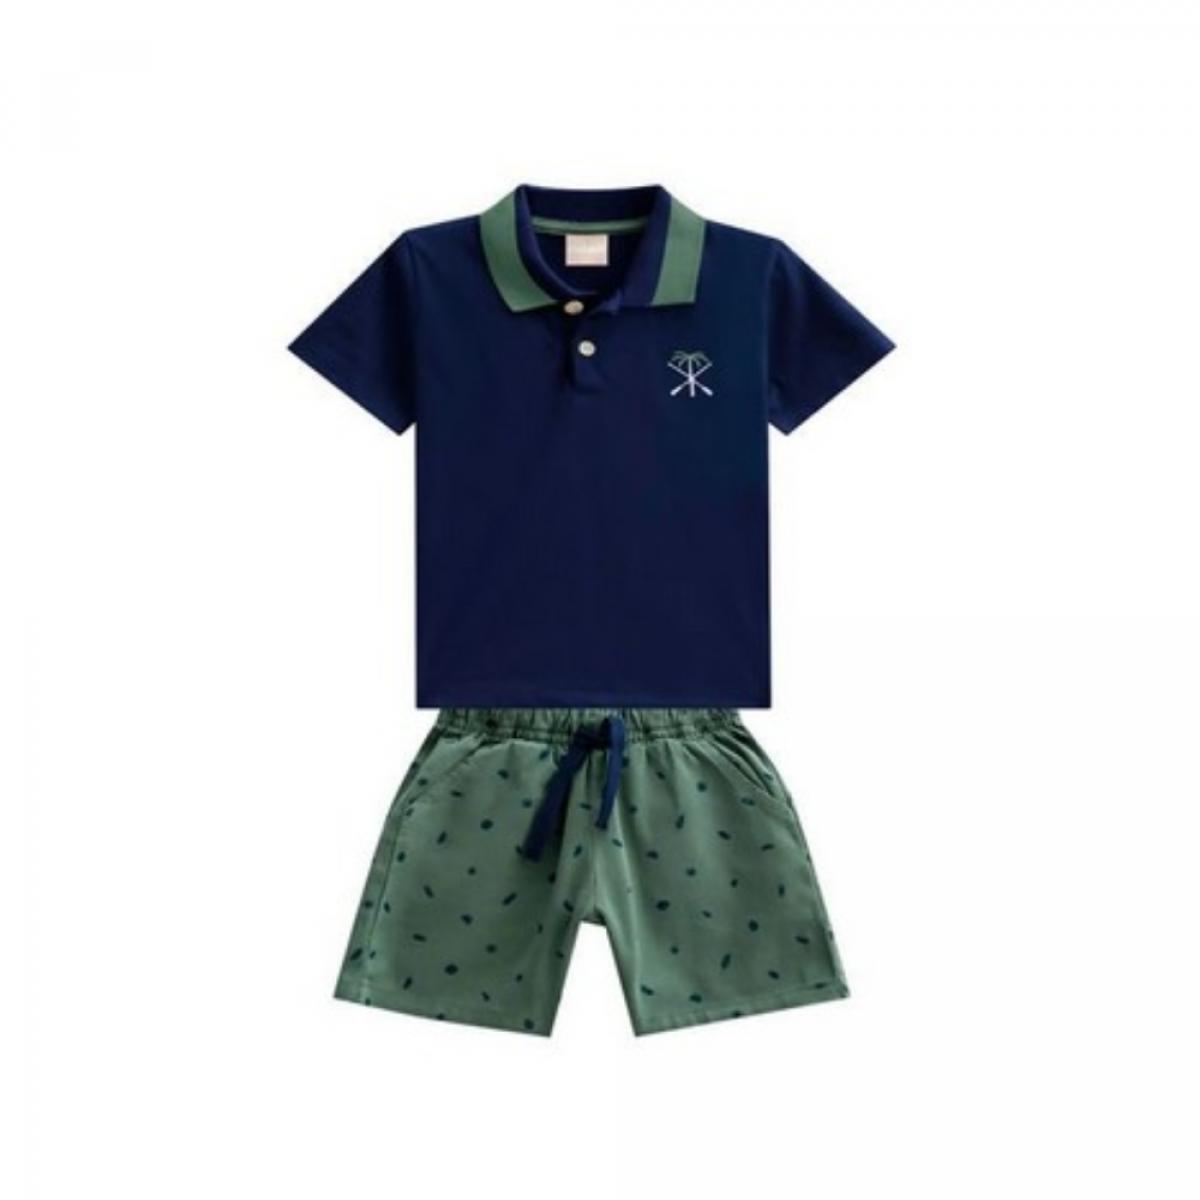 Conjunto 2 Peças De Algodão Blusa Polo Azul Marinho E Bermuda Verde Coqueiro E Remos Milon